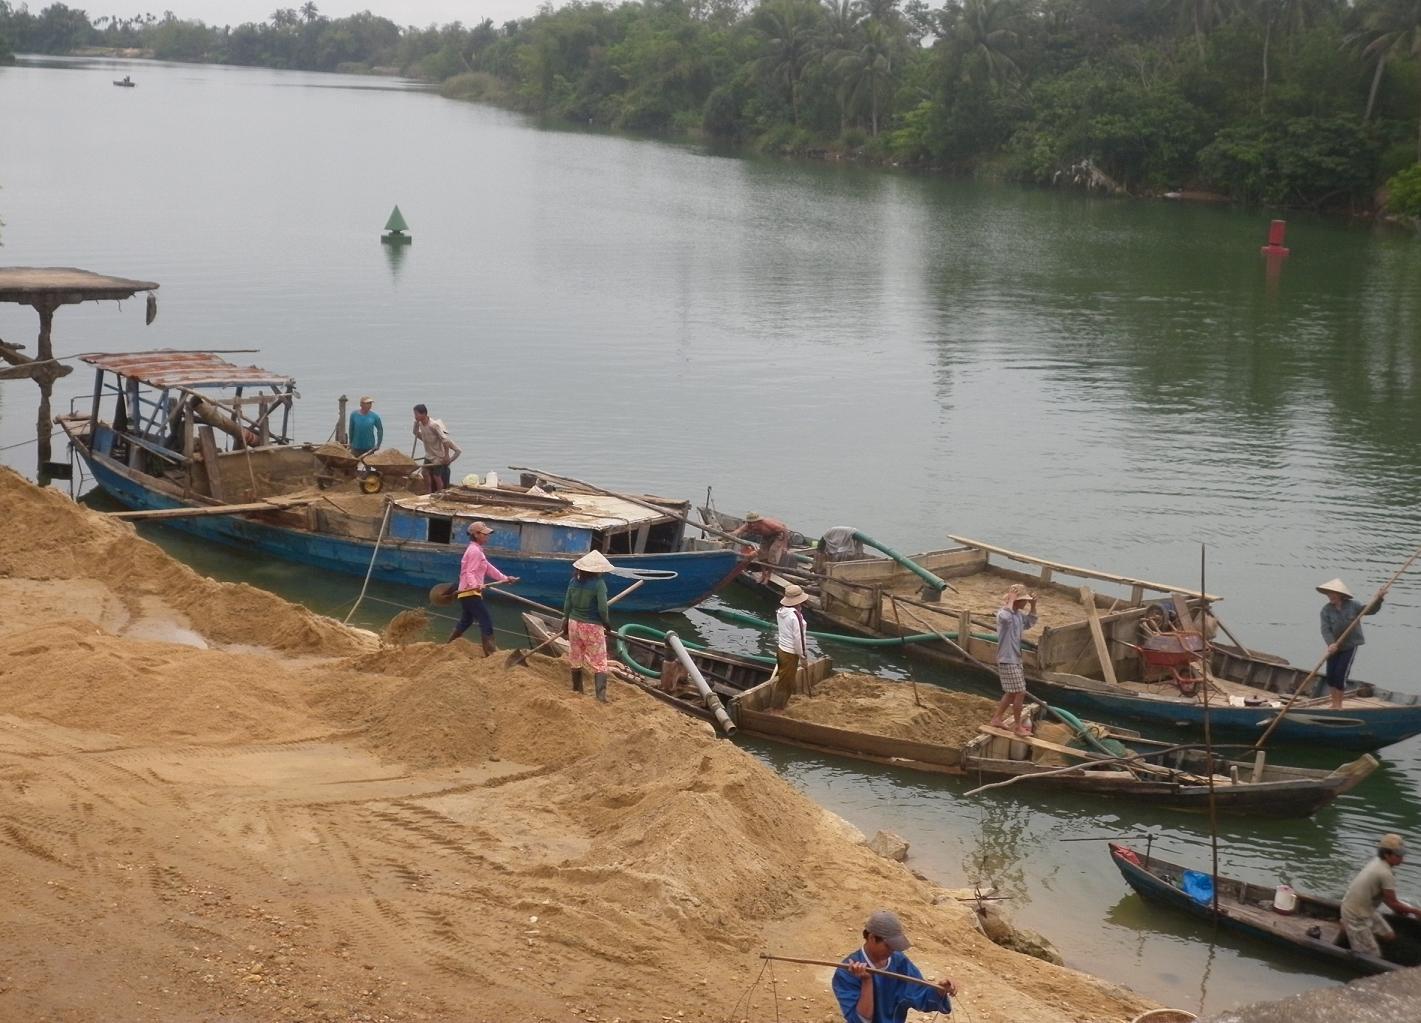 Khai thác cát trái phép: Chính quyền đùn đẩy trách nhiệm